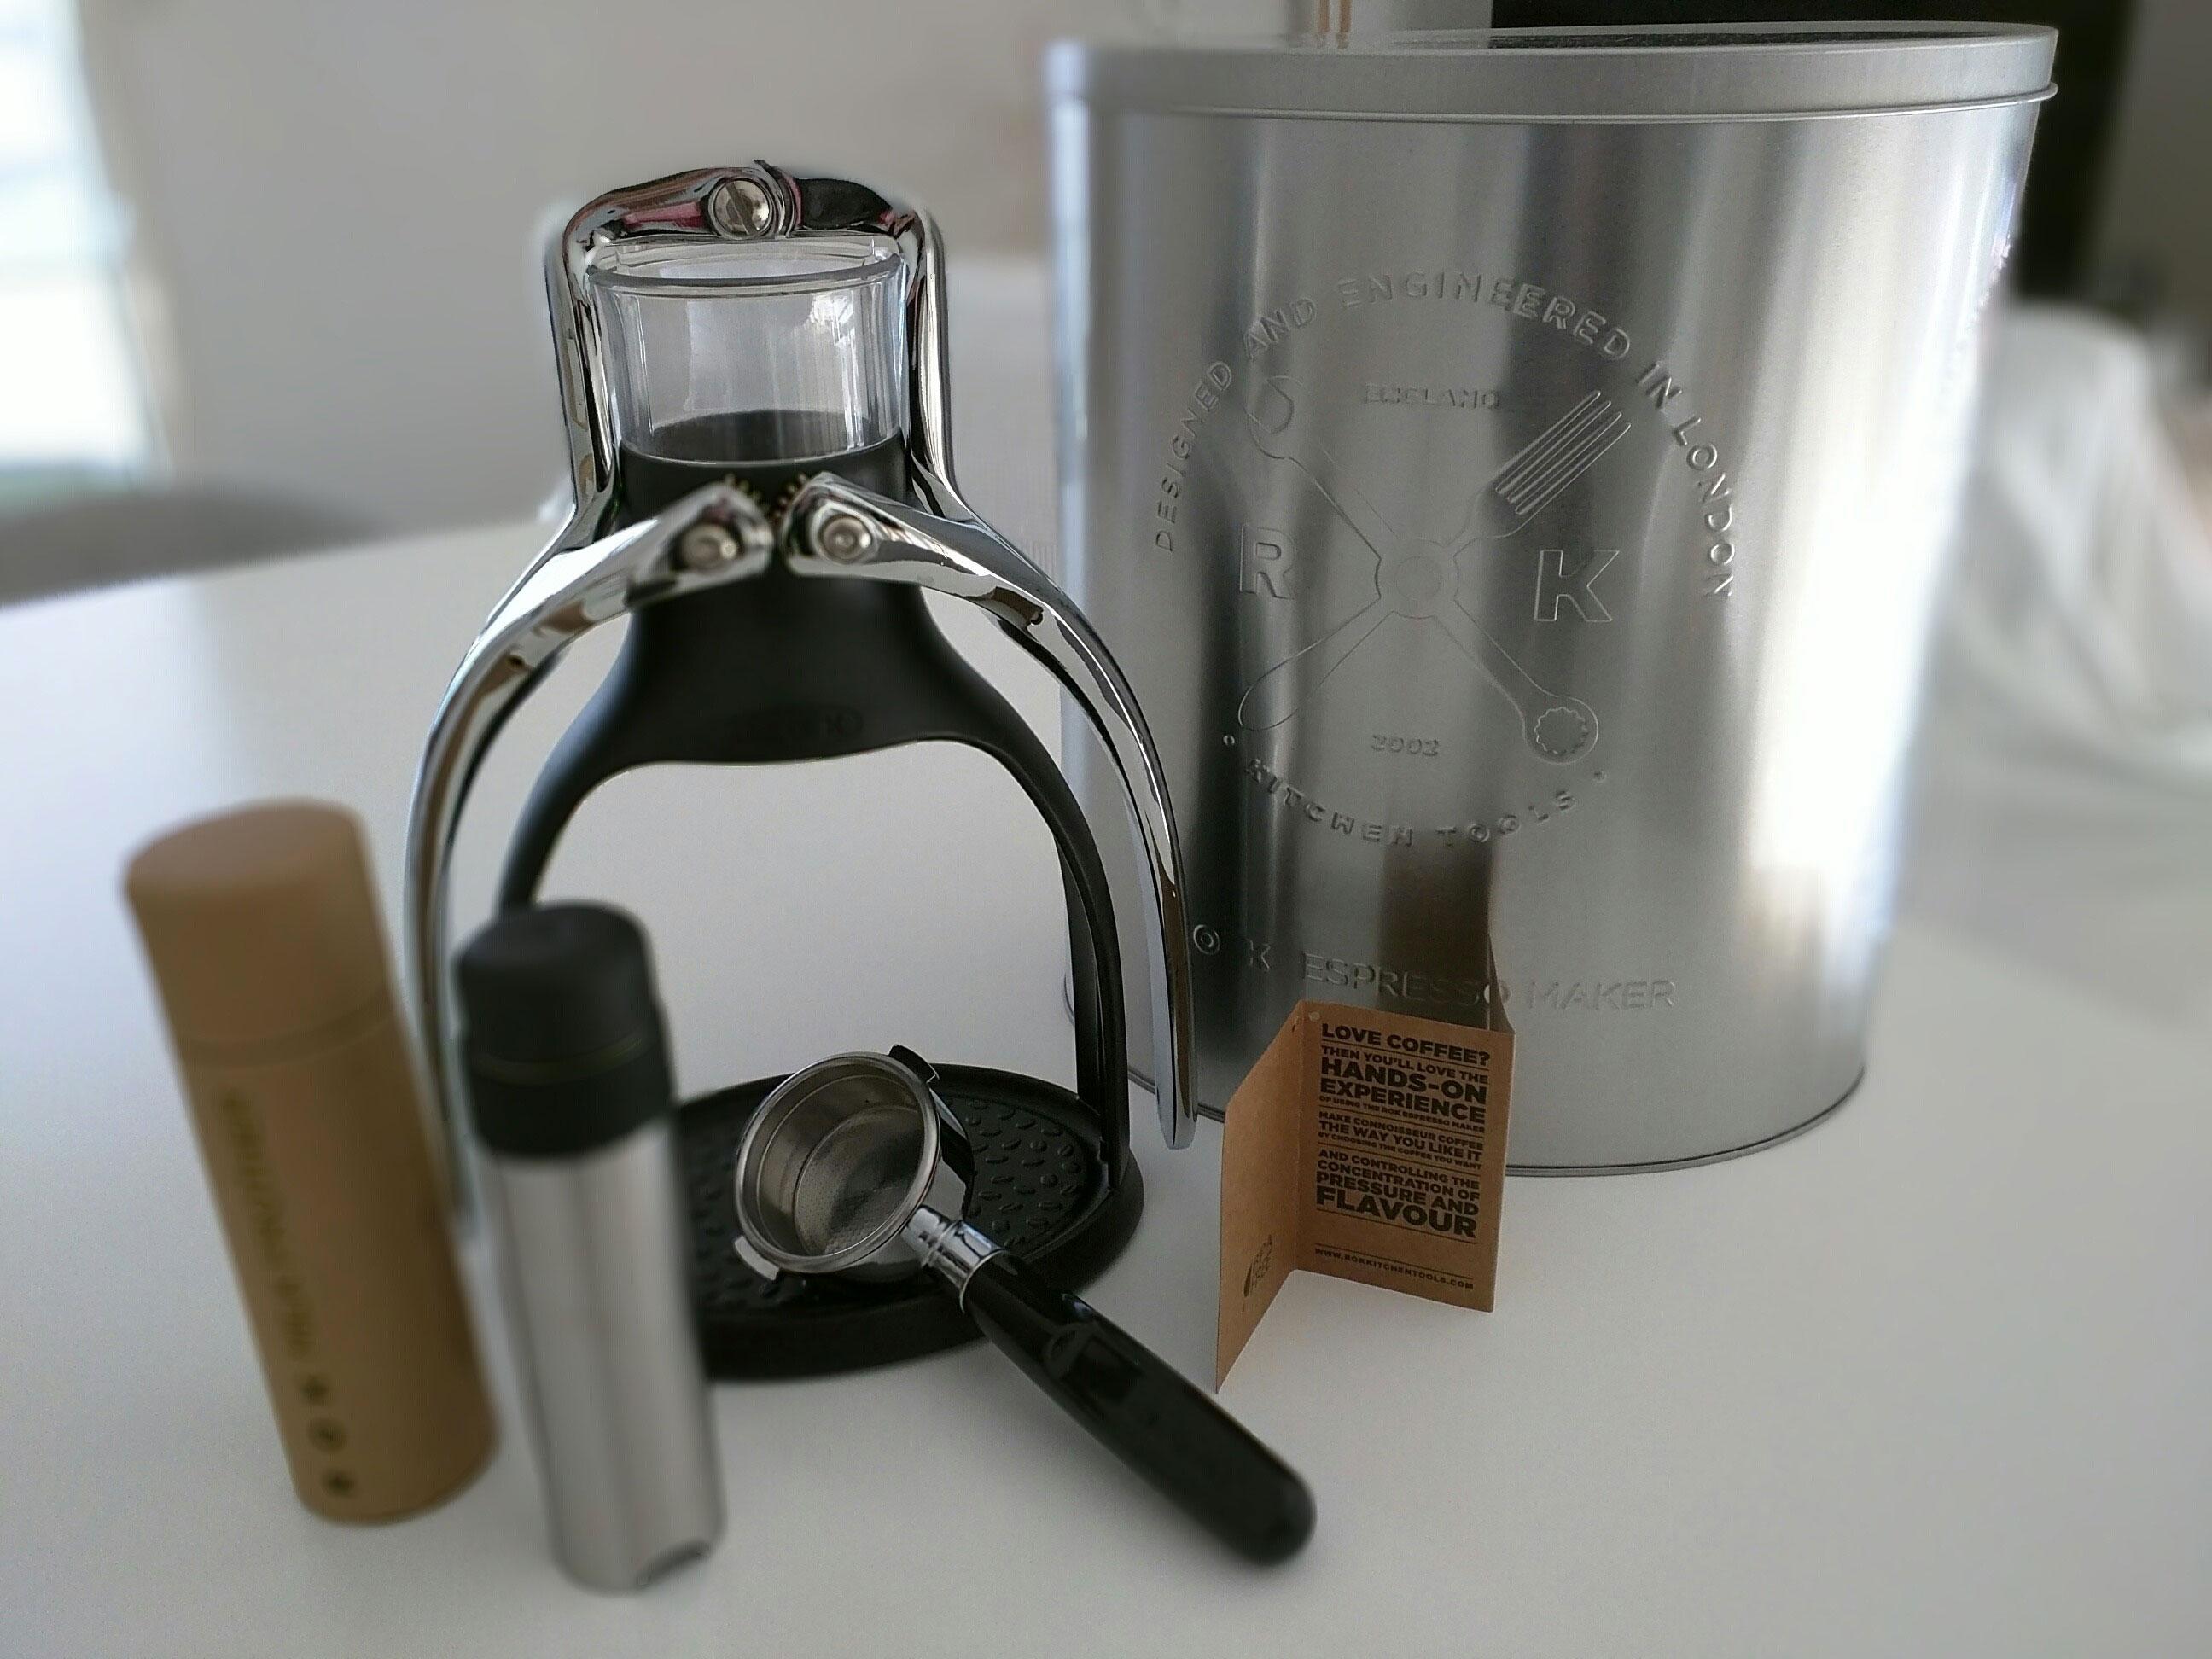 Rok Espresso Machine Packaging